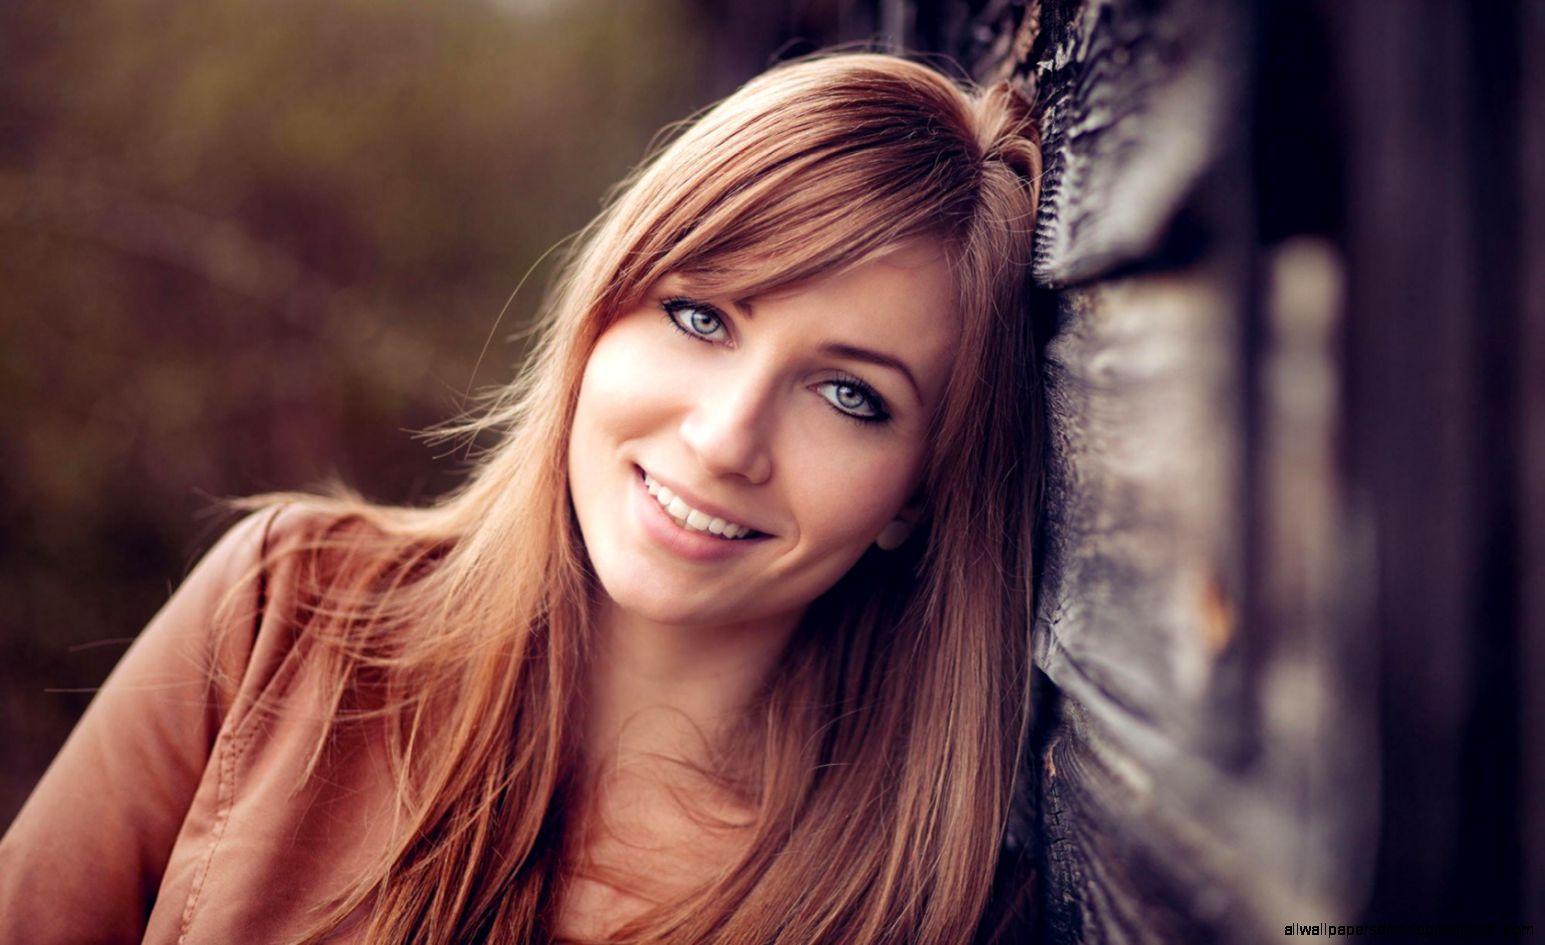 Smile Portrait Girl Bokeh HD Wallpaper   FreeWallsUp